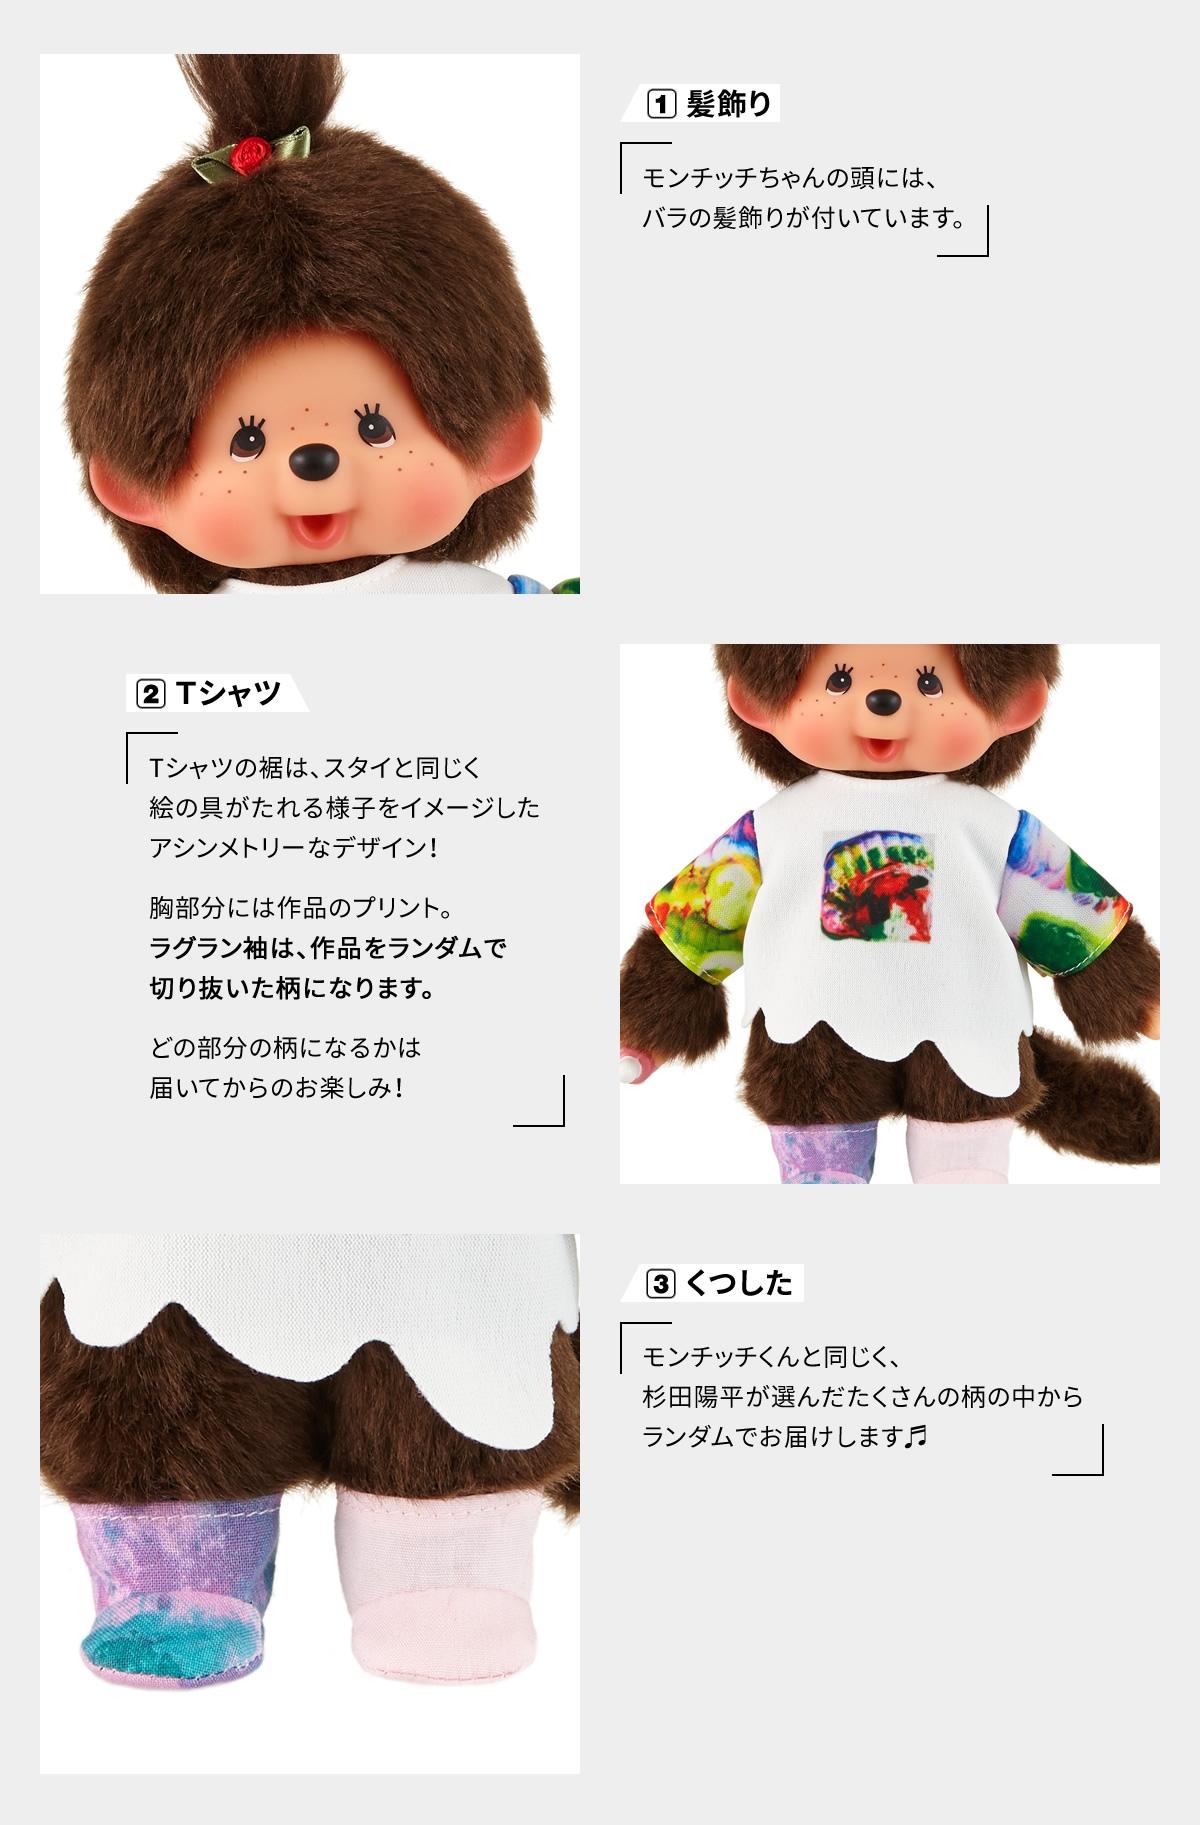 杉田陽平×モンチッチ 髪飾り Tシャツ くつした